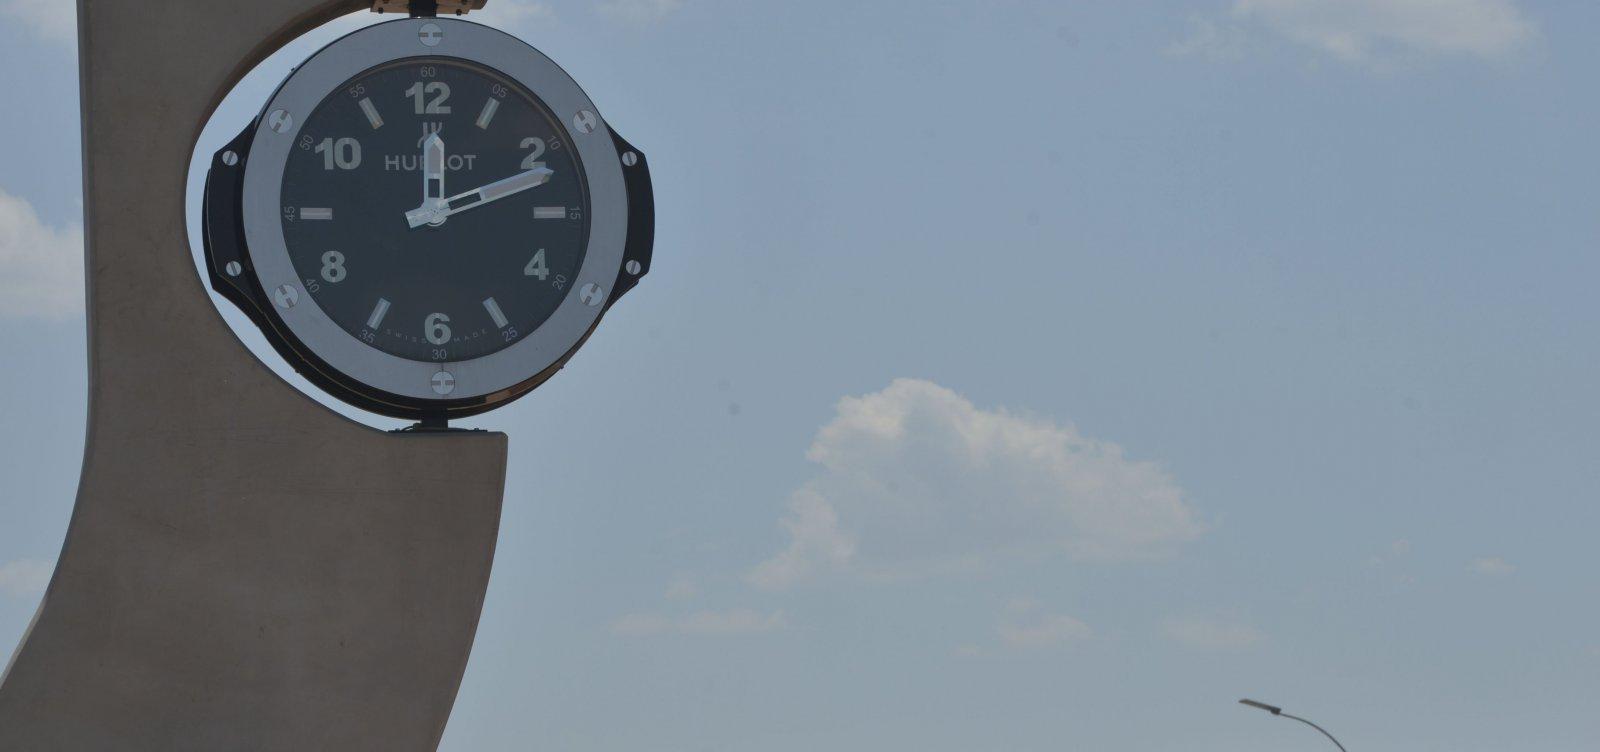 Governo pede novo estudo sobre horário de verão ao Operador do Sistema Elétrico